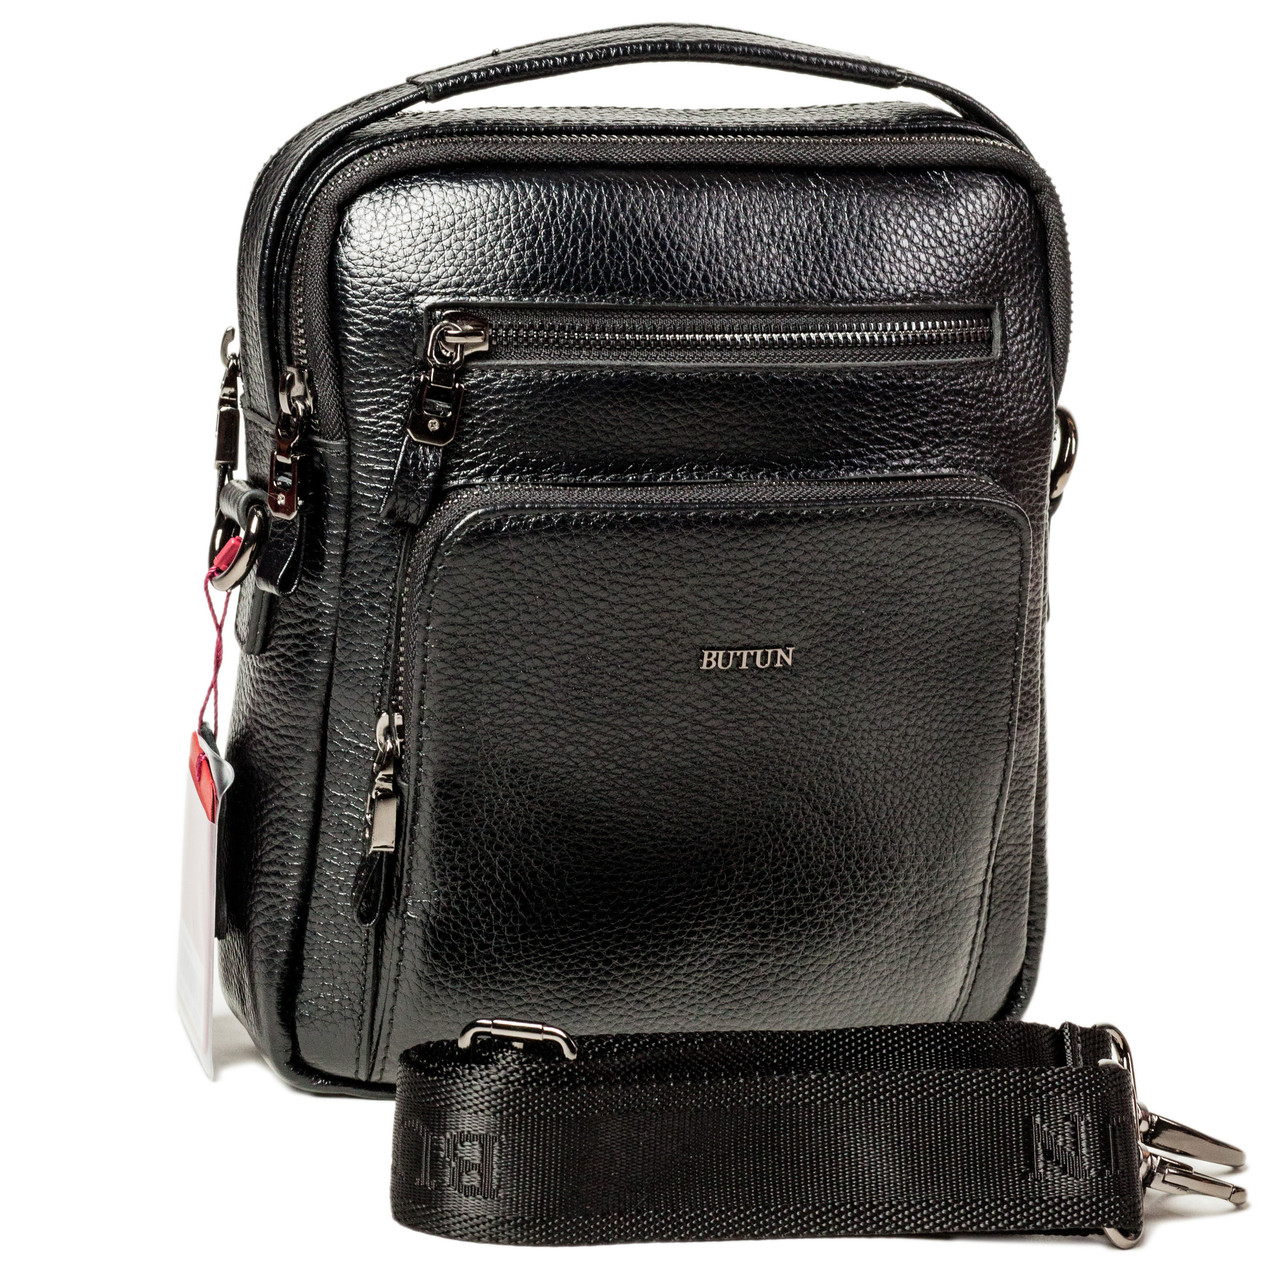 Мужская сумка барсетка Butun 415-004-001 черная из натуральной кожи